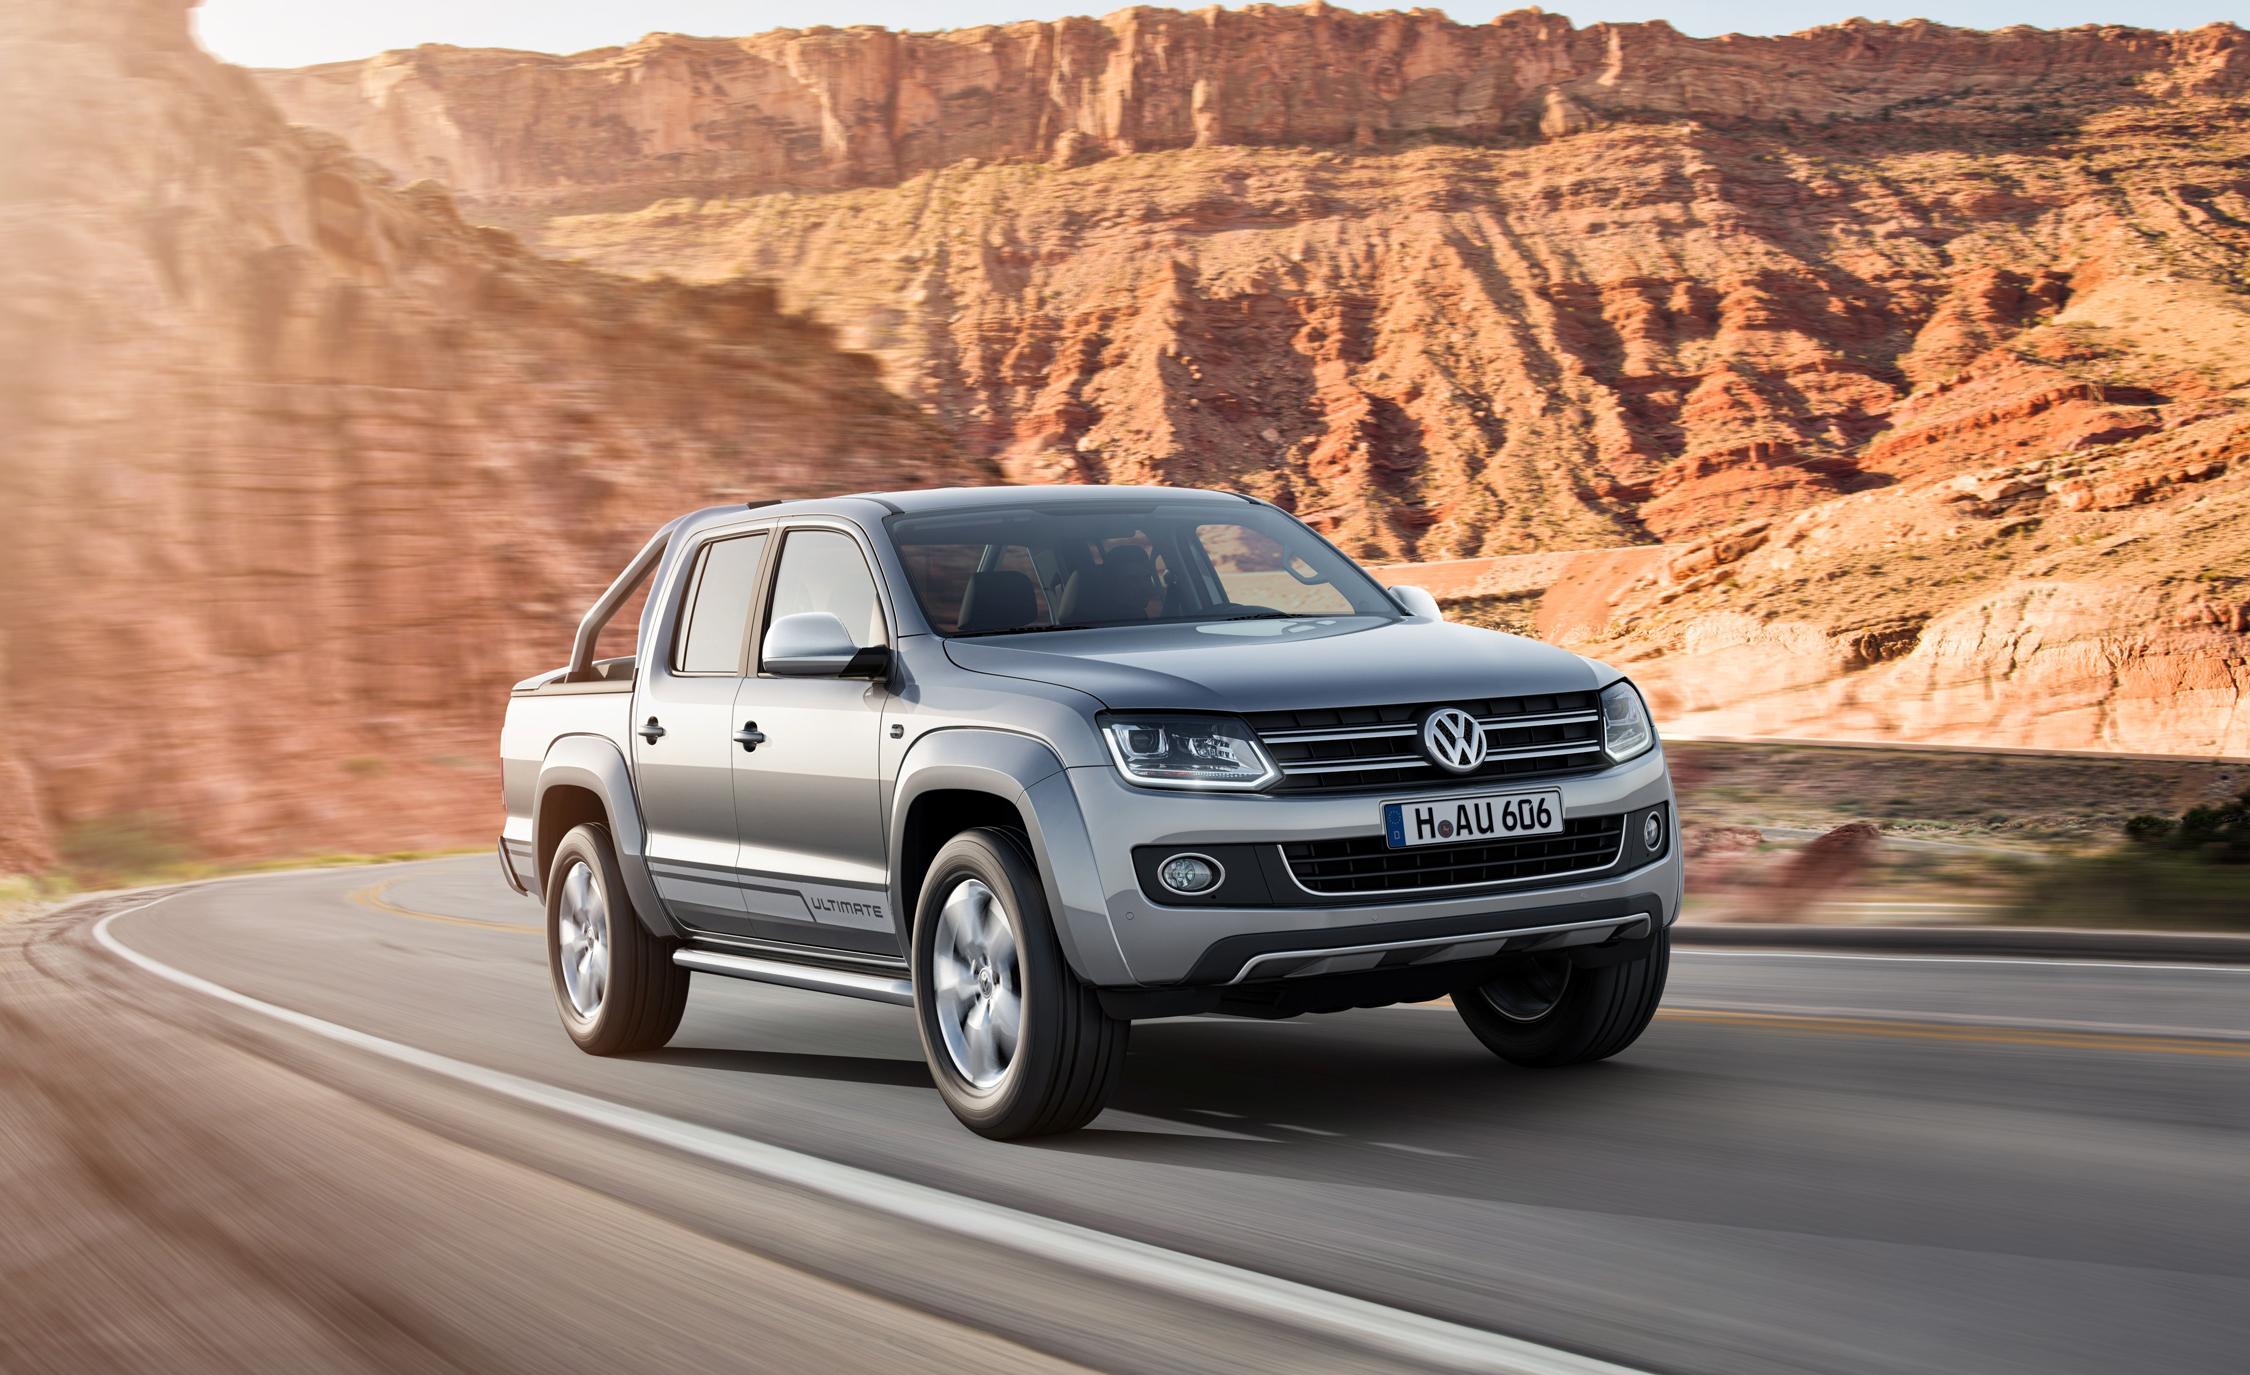 Volkswagen Amarok Wallpapers 2250x1375